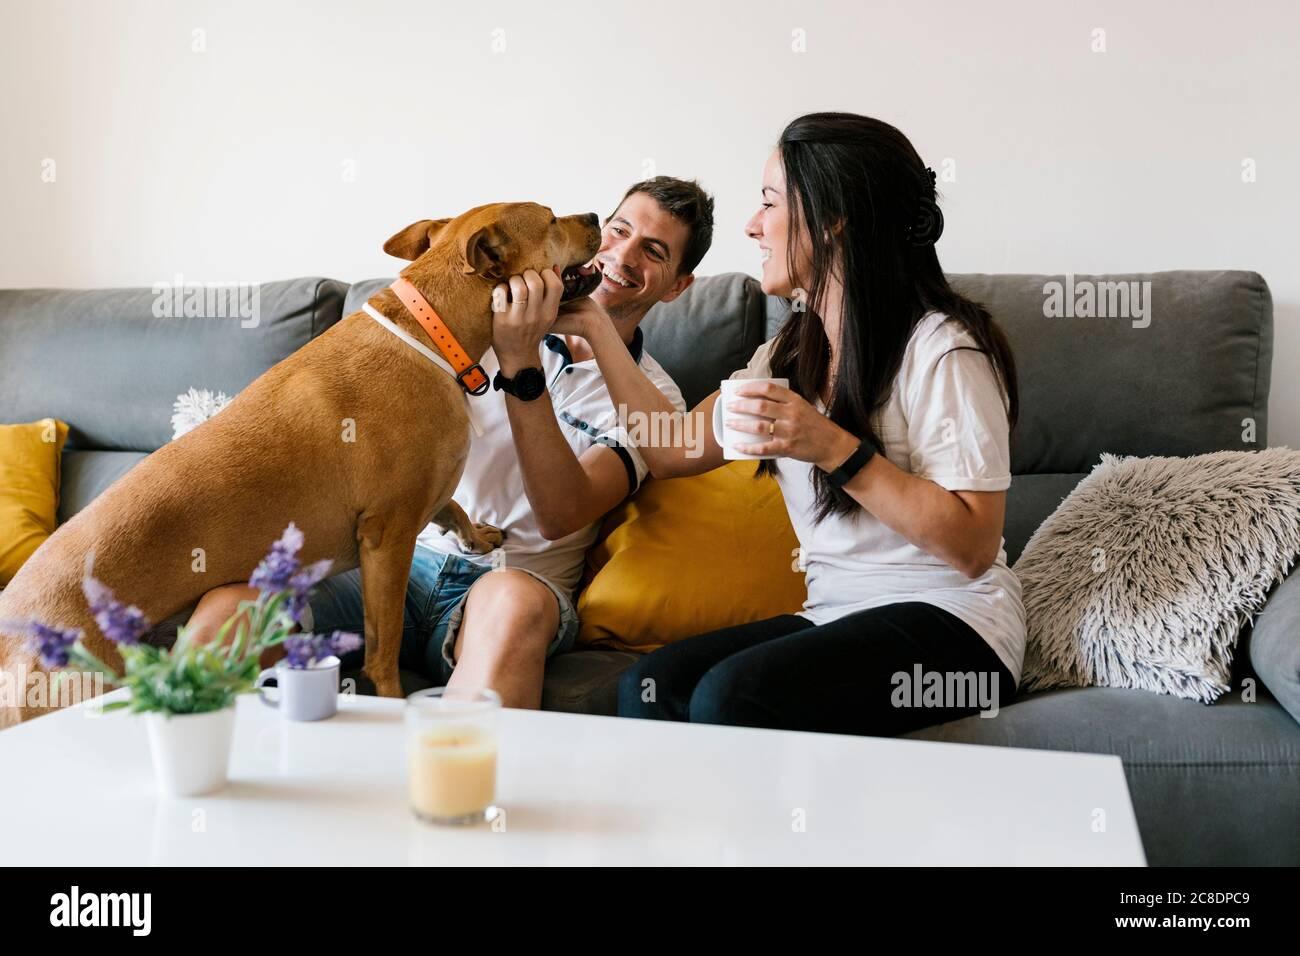 Mimos en pareja con un perro mientras estás sentado en un sofá en casa Foto de stock